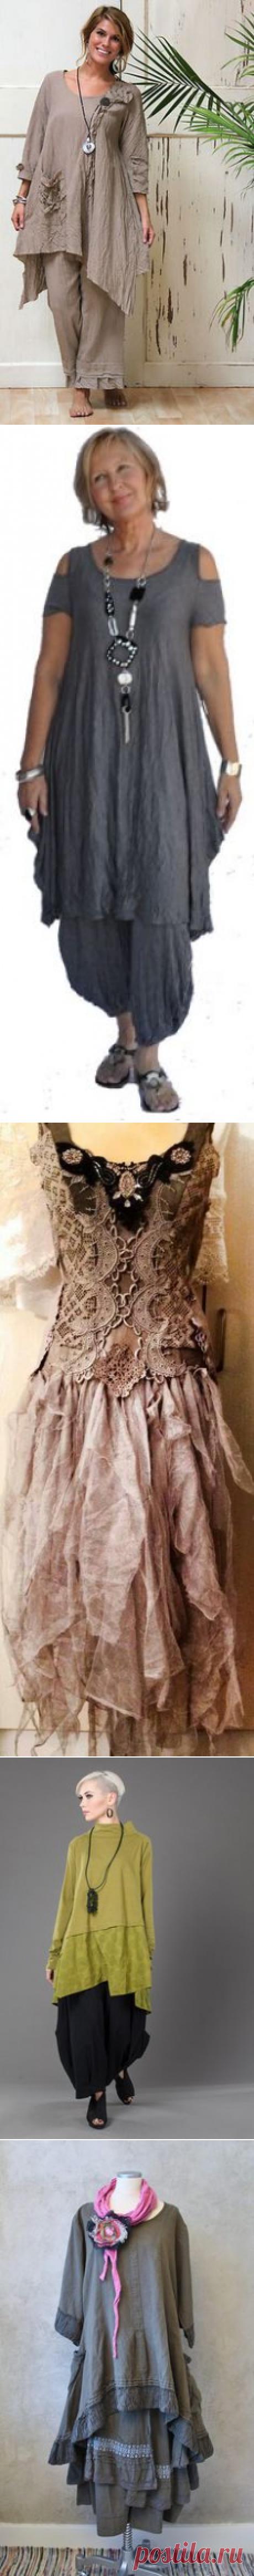 Одежда для любителей БОХО. | мода